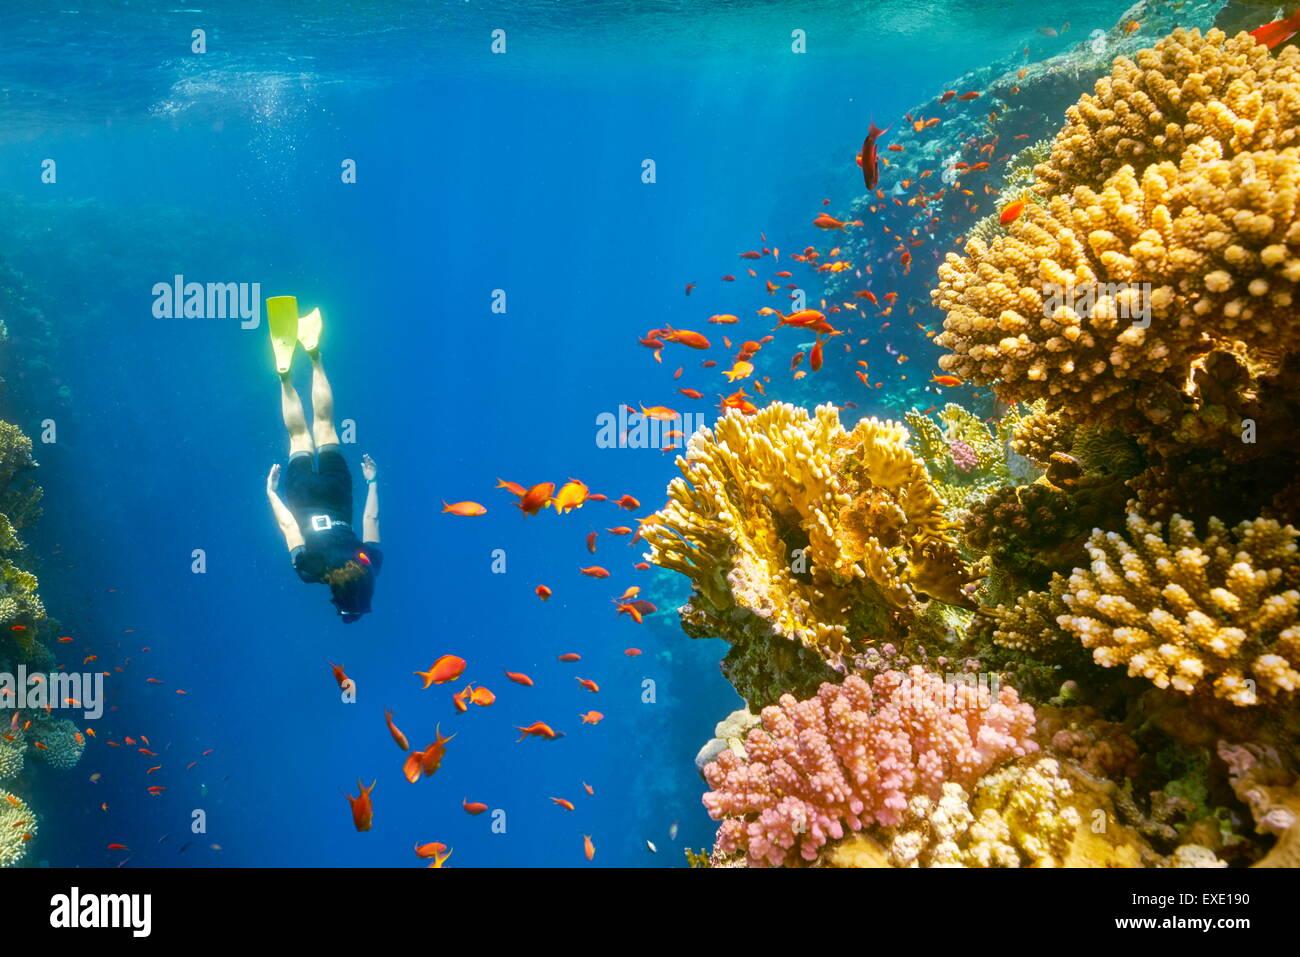 Rotes Meer, Ägypten - Frau Schnorcheln Unterwasser, Korallenriff, Blue Hole in Dahab Stockbild